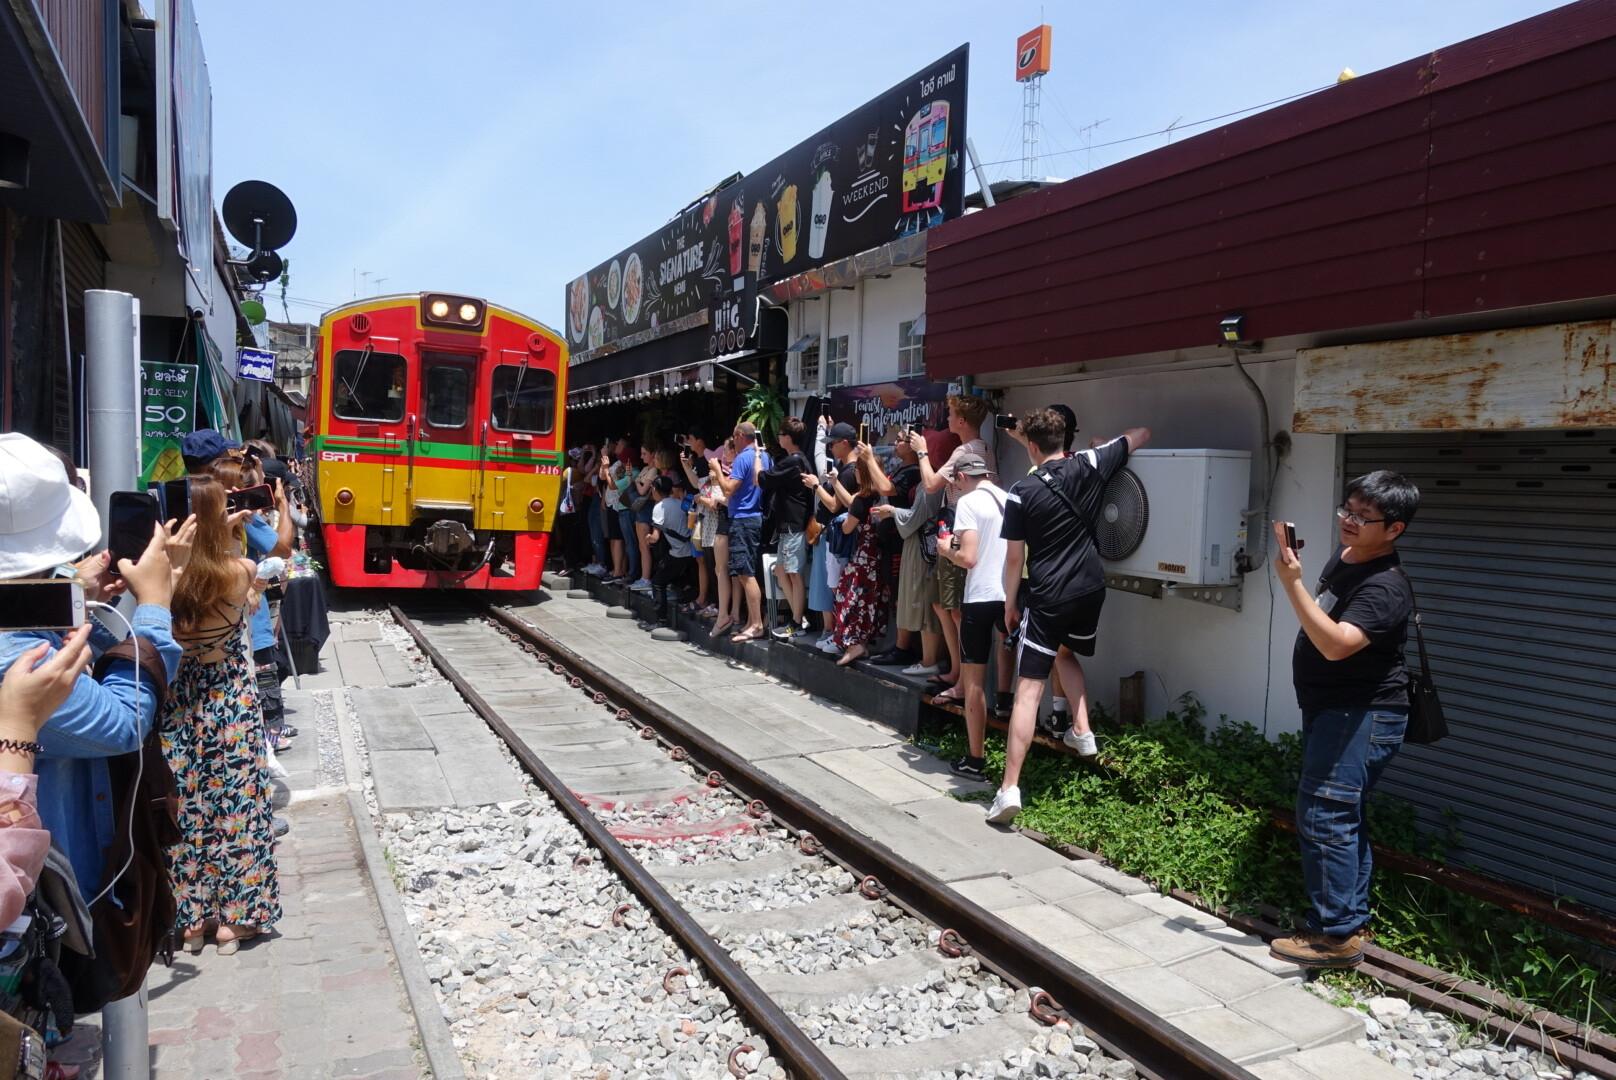 【泰國曼谷】美功鐵道市場|享受在鐵道上大逛市場|近拍火車穿越奇景